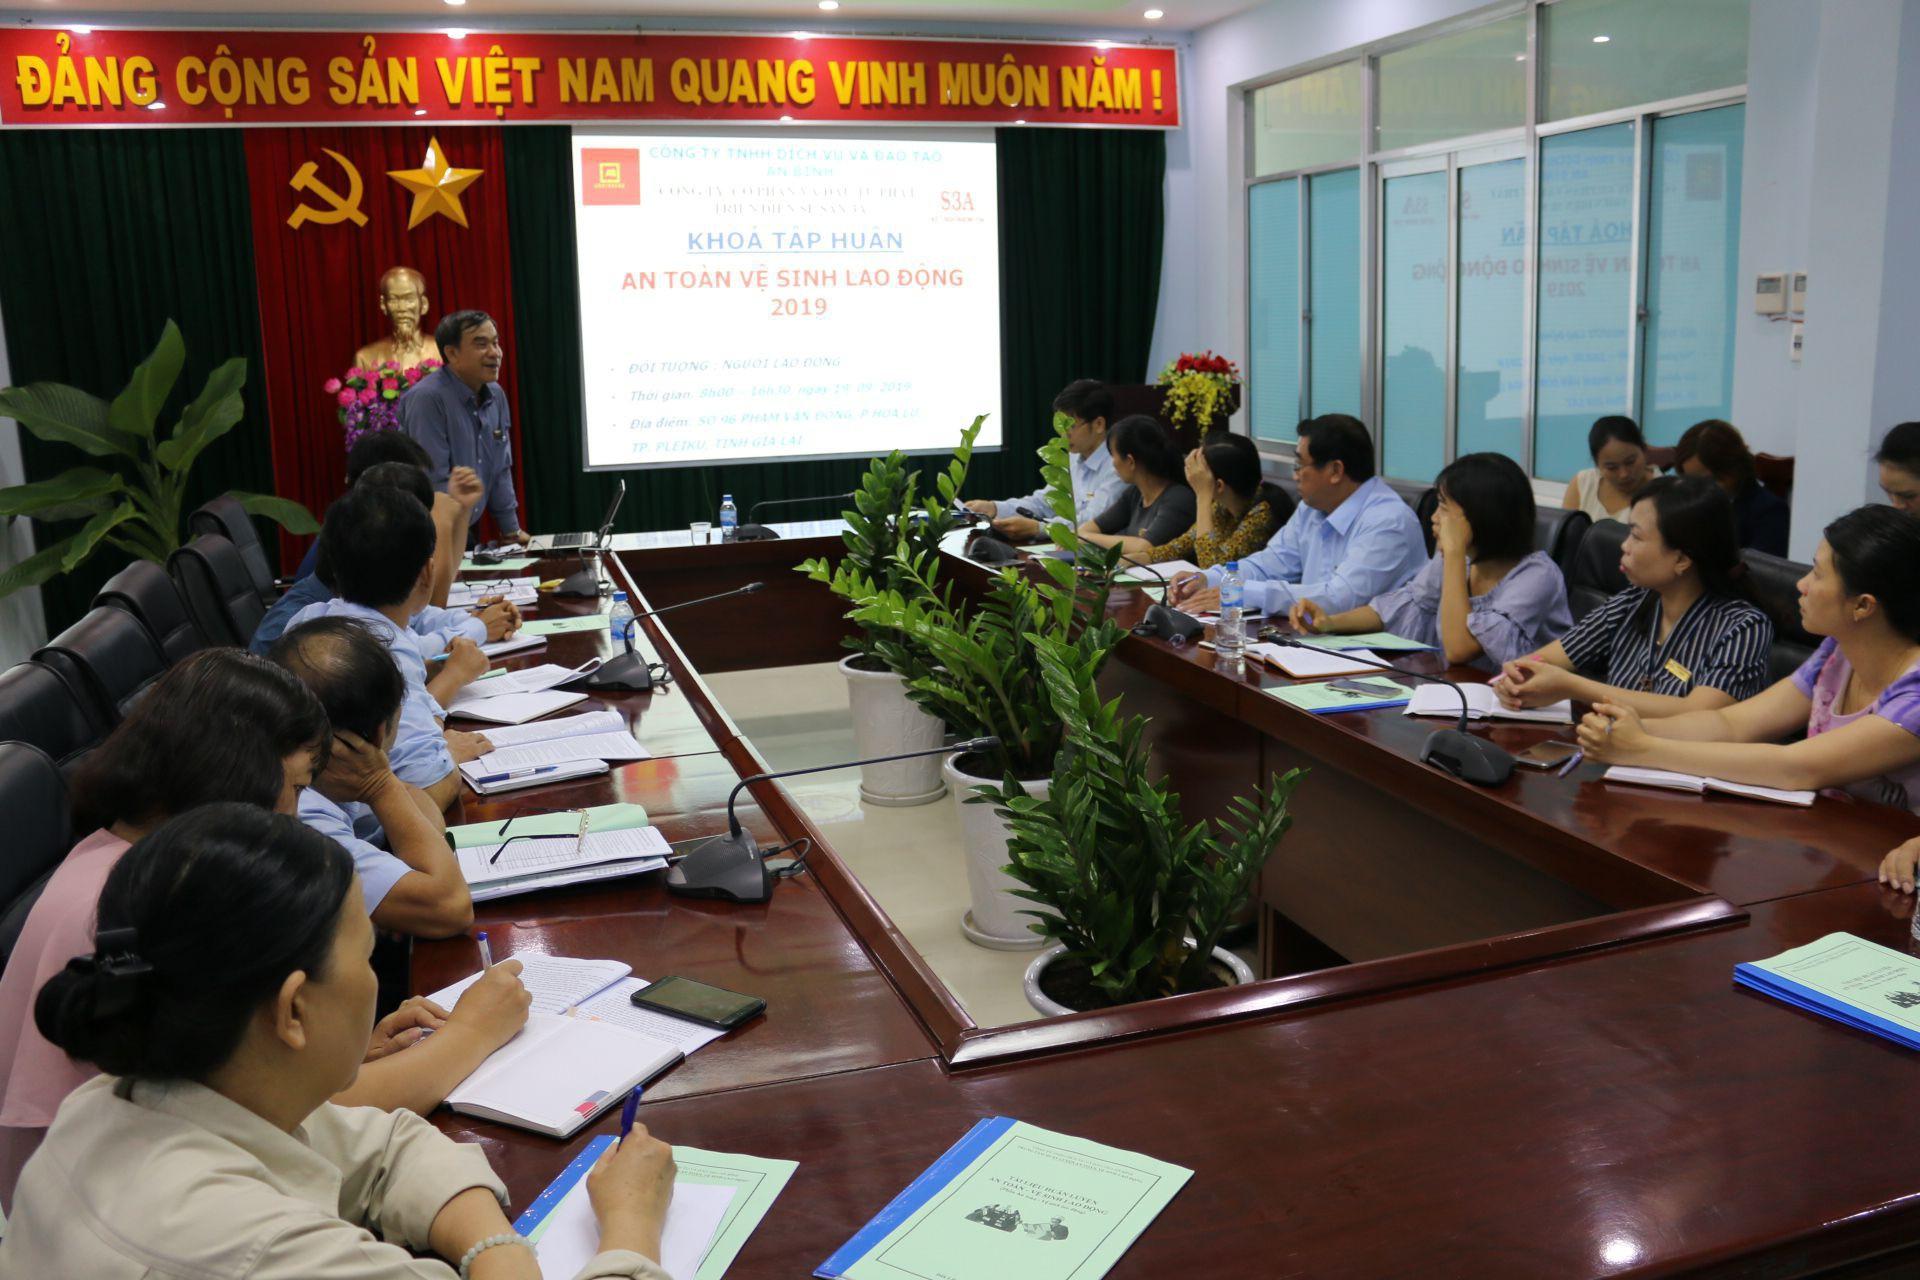 Sê San 3A huấn luyện An toàn – vệ sinh lao động cho người lao động thuộc nhóm 4